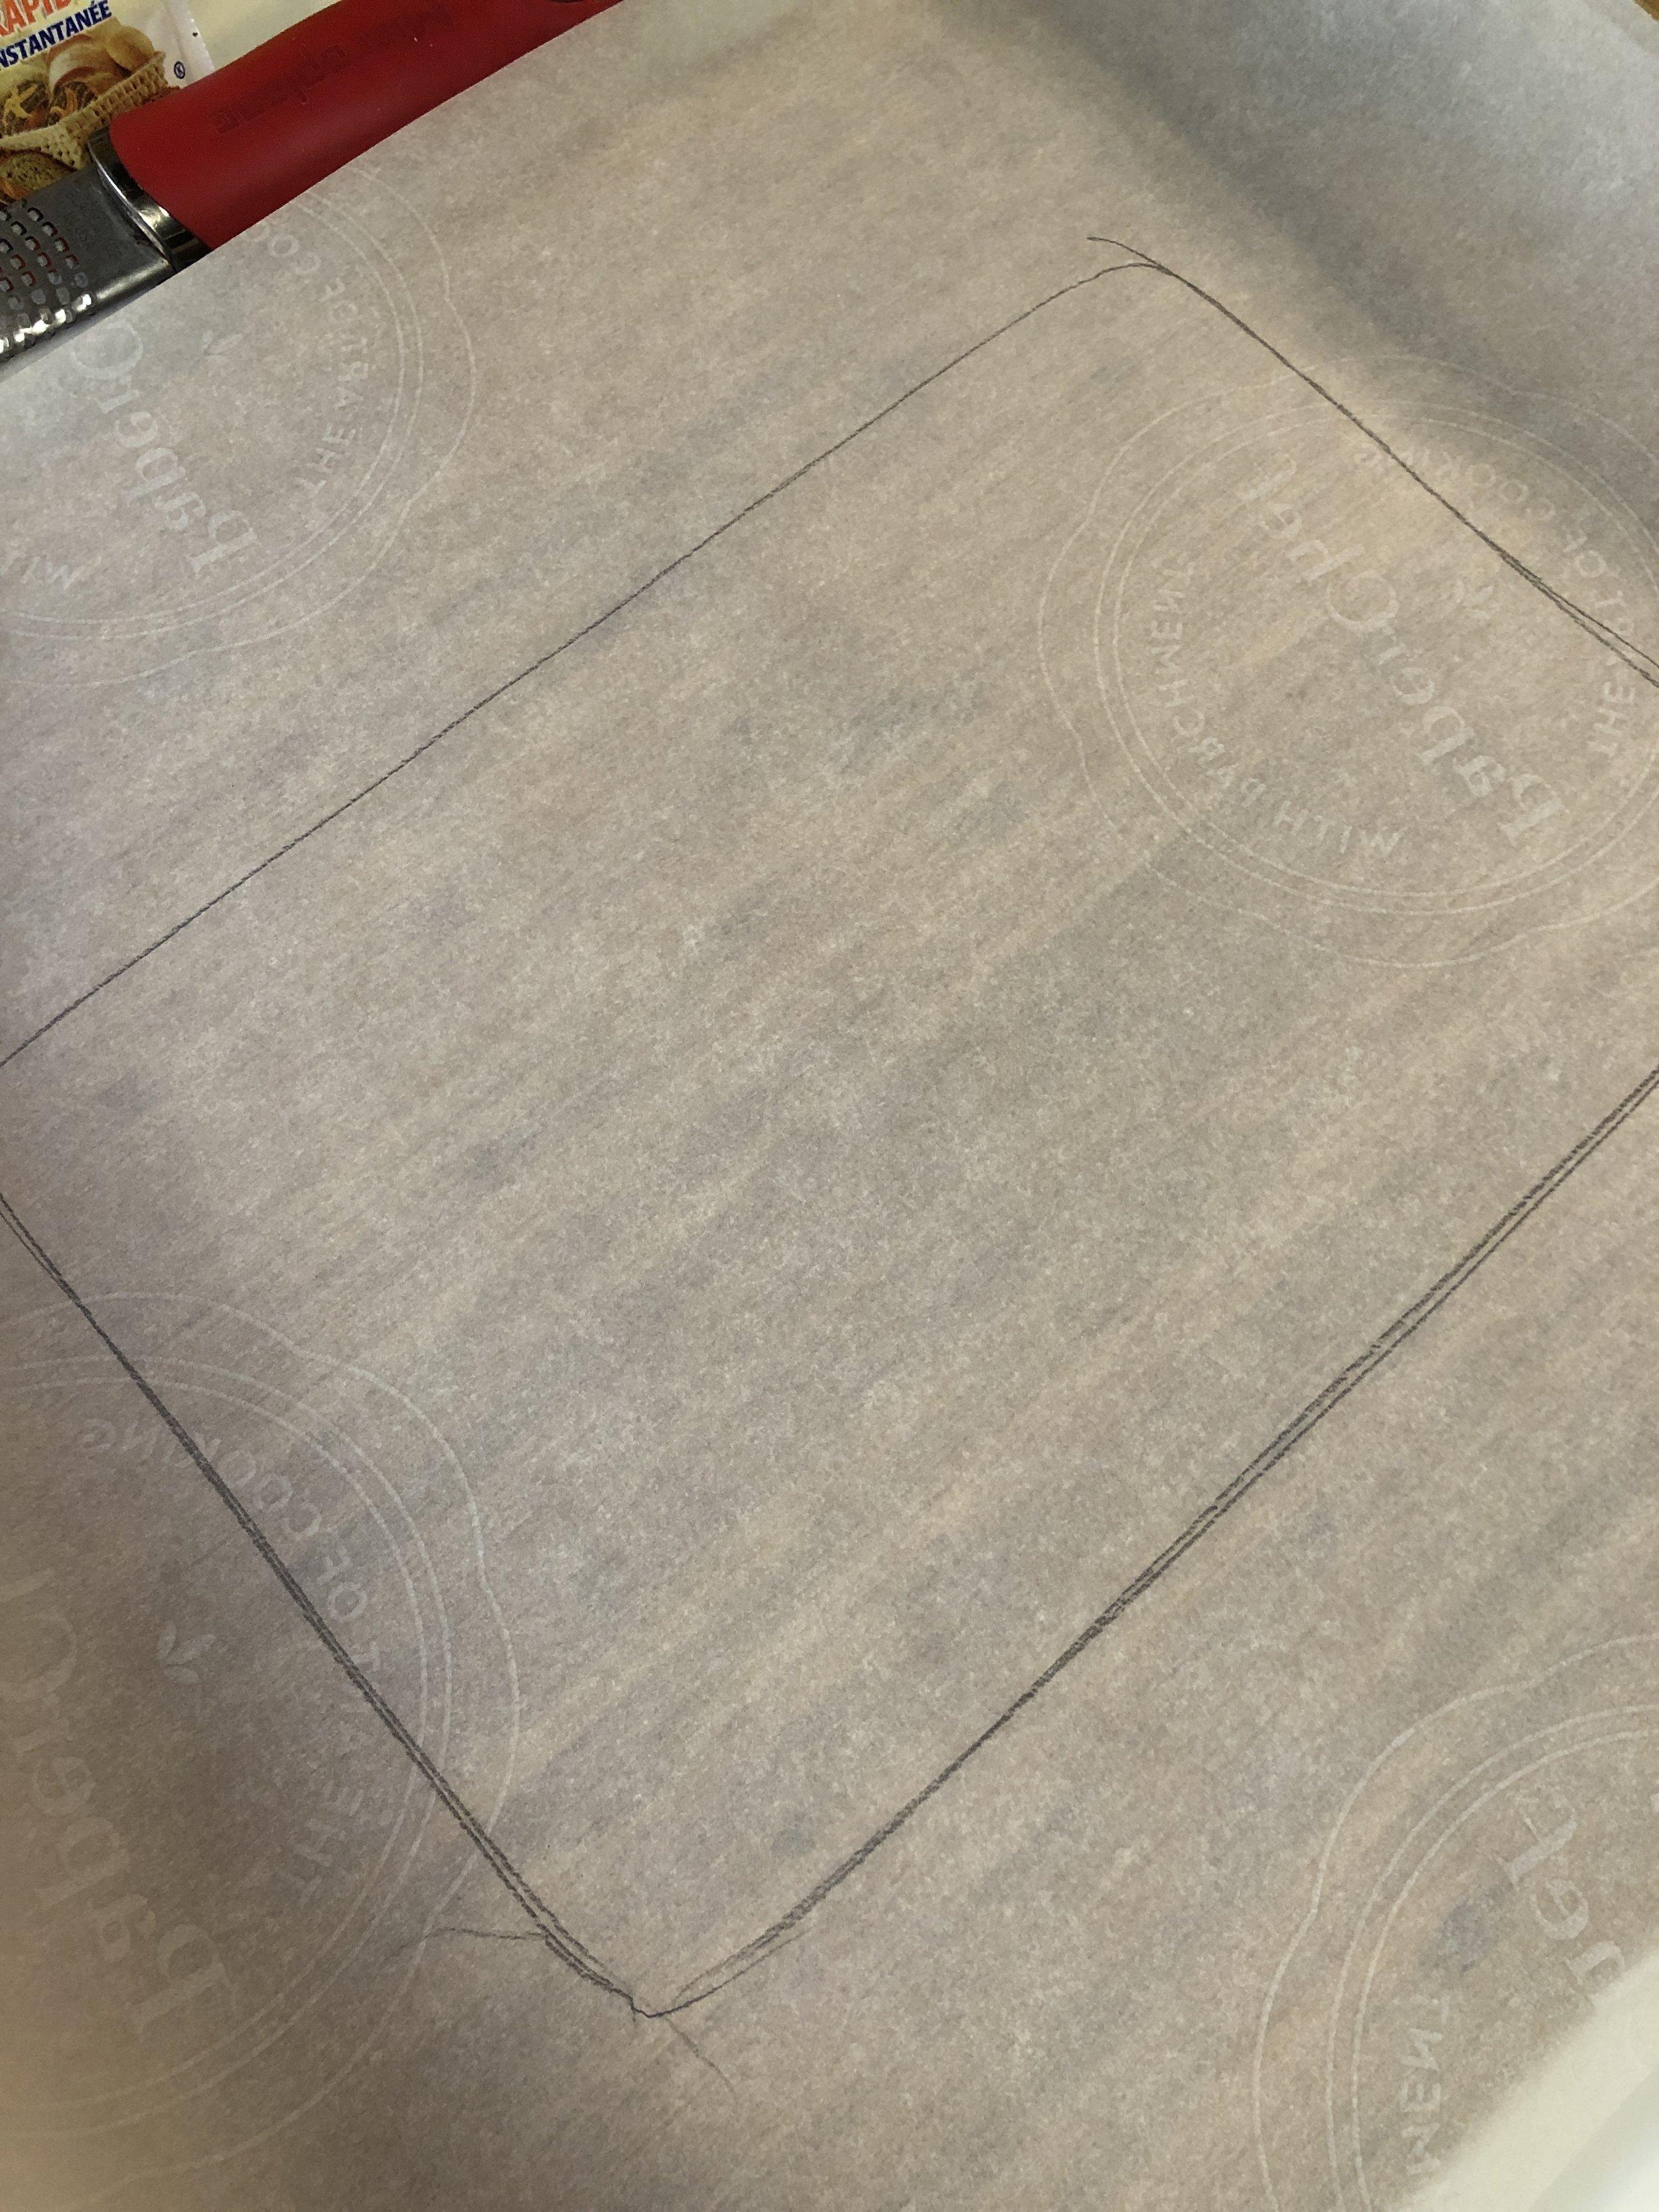 Parchment template for dough